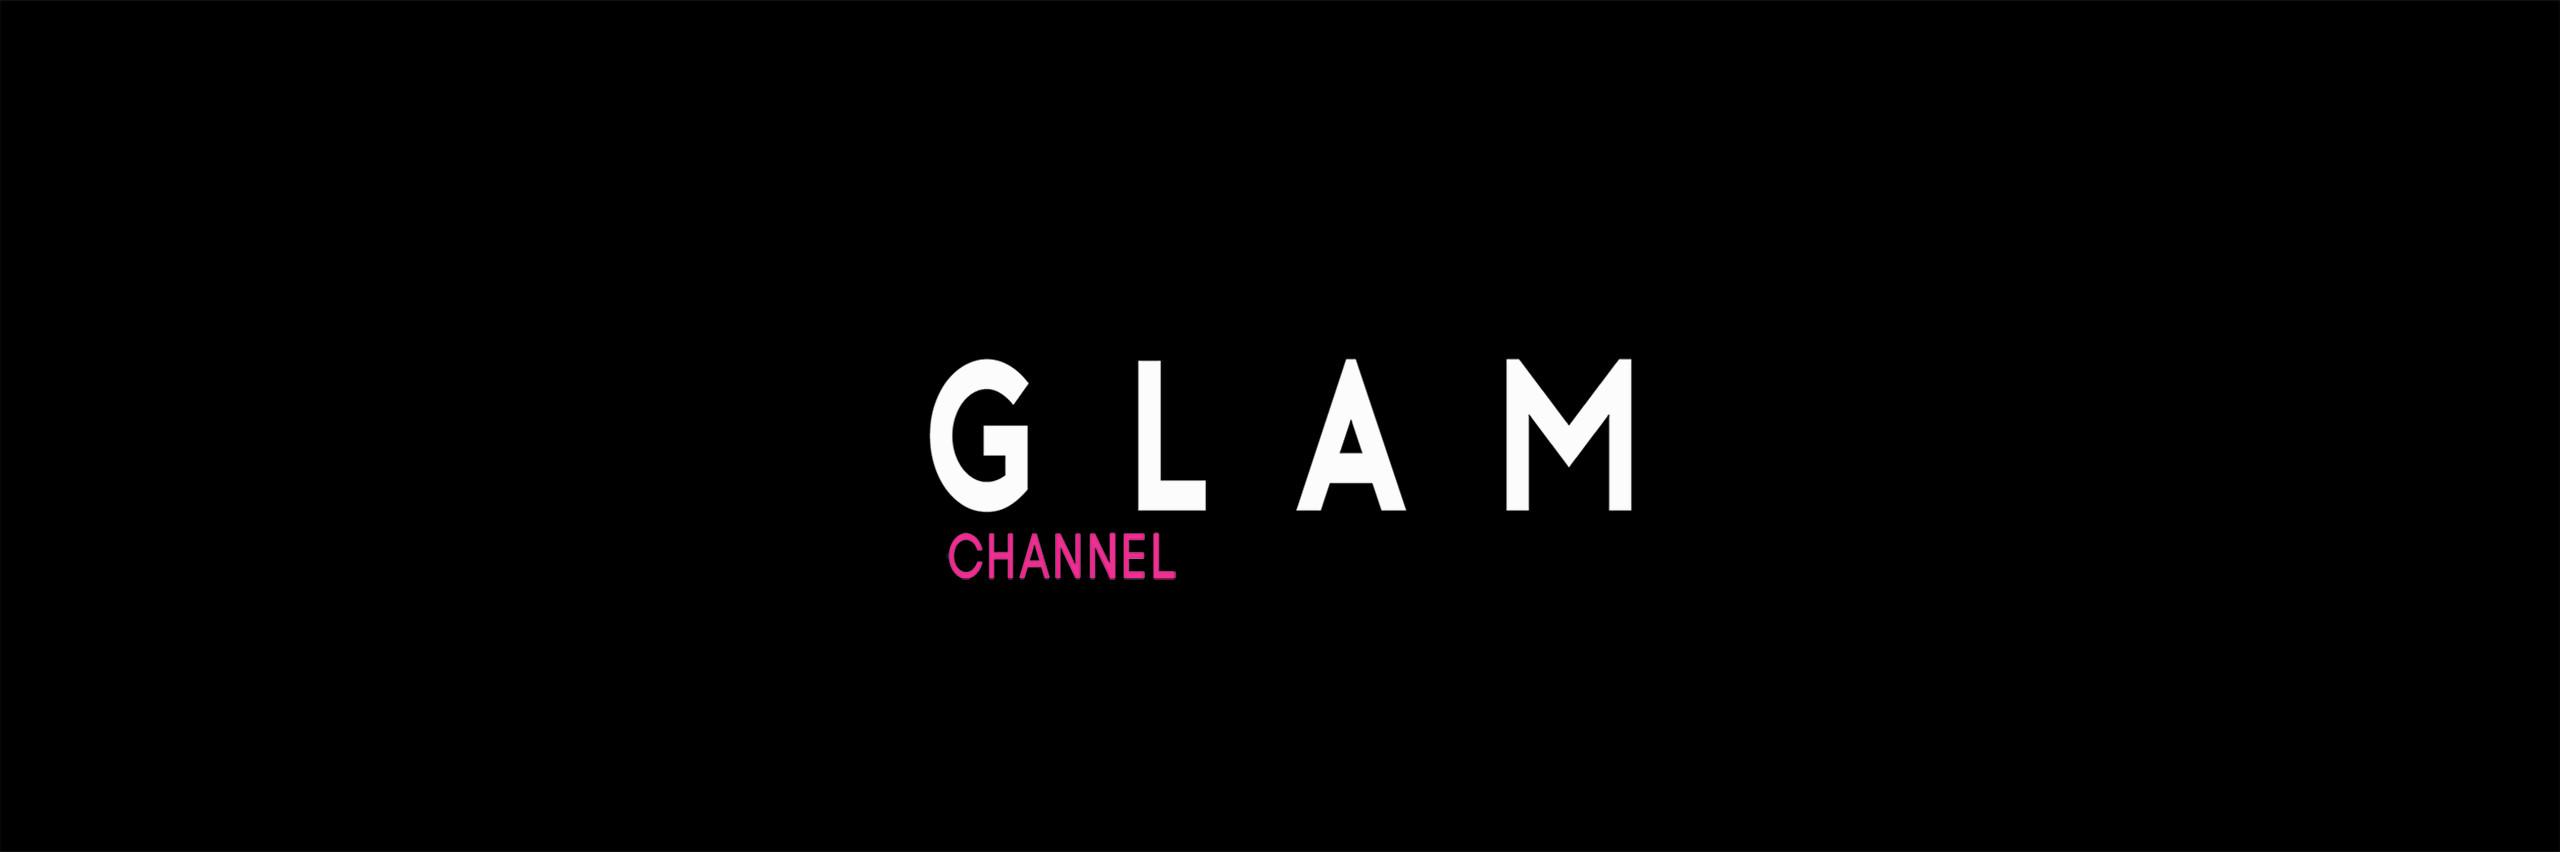 Glamchannel